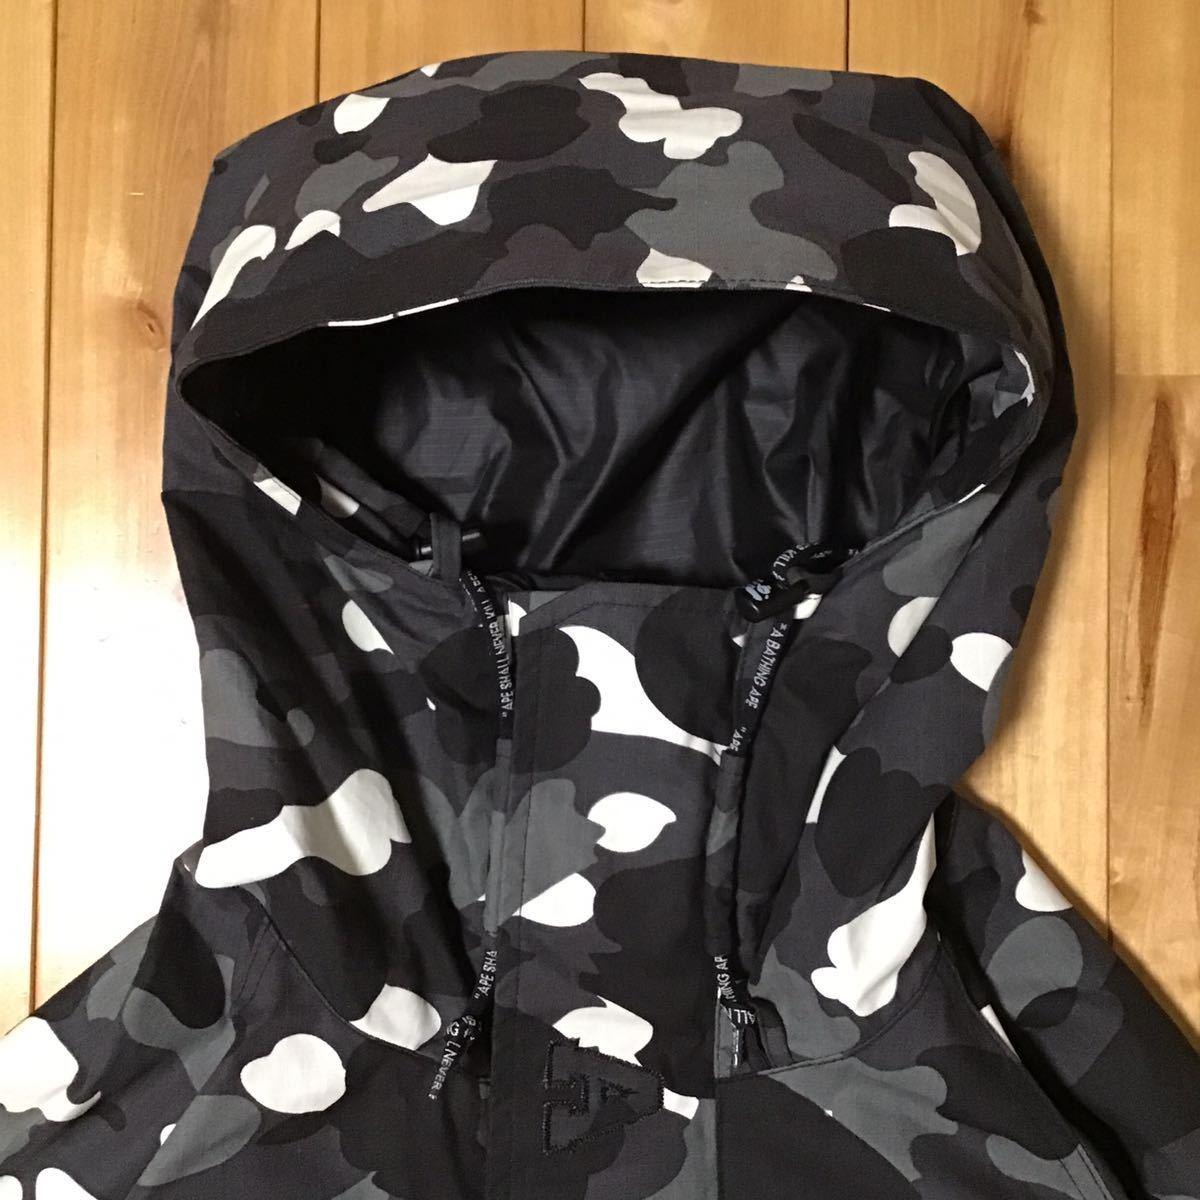 ★蓄光★ city camo スノボジャケット Lサイズ a bathing ape BAPE snow board jacket エイプ ベイプ アベイシングエイプ 迷彩 52tt